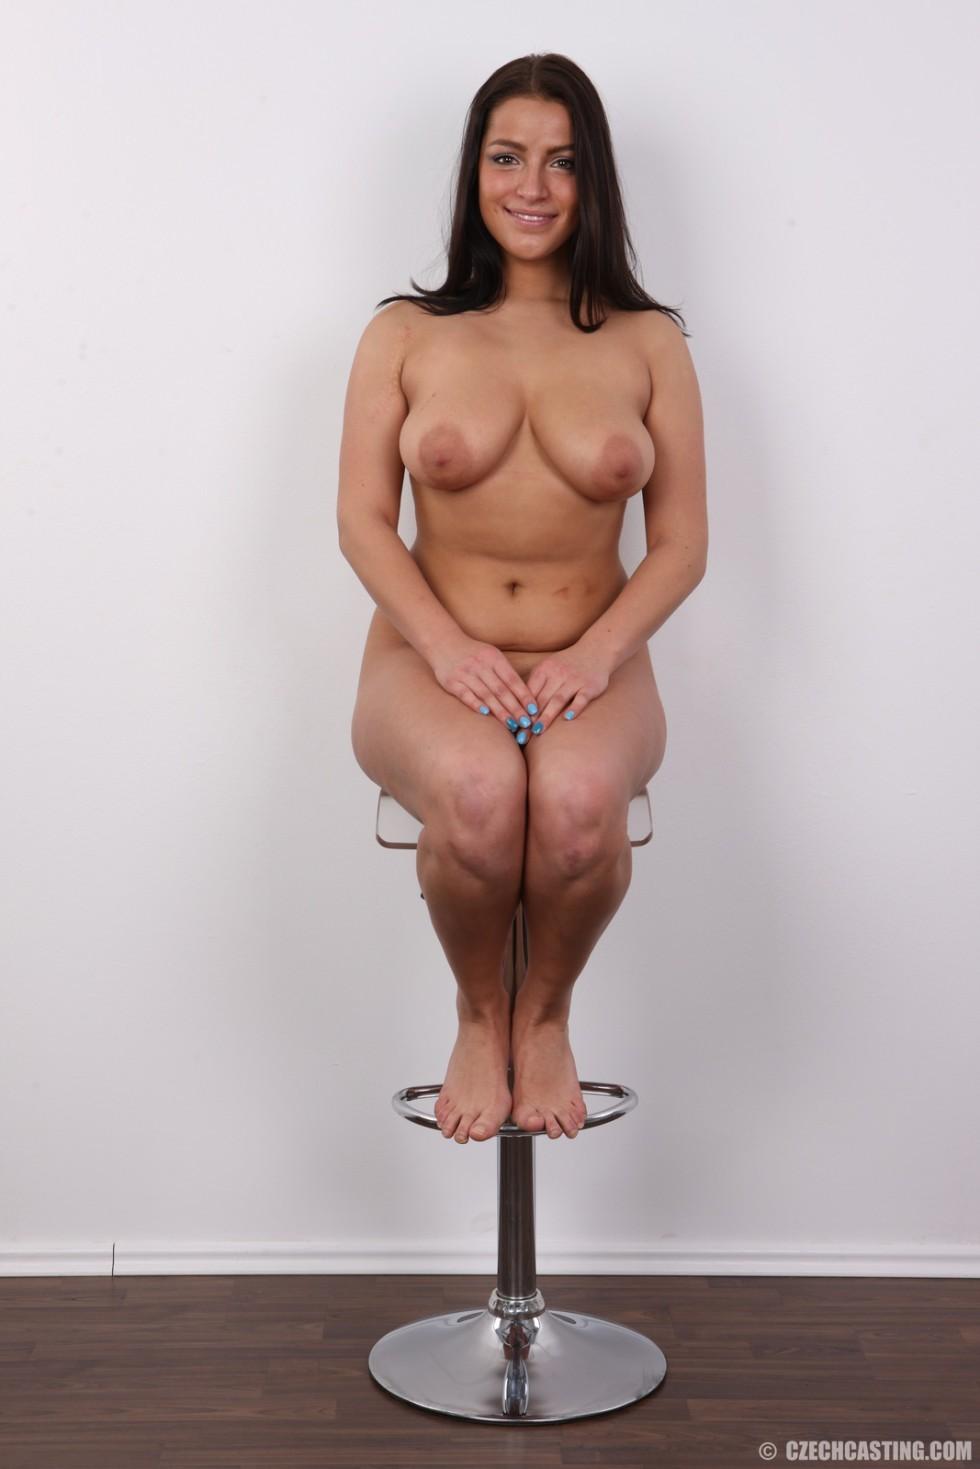 Фигуристые женщины - Галерея № 3473179